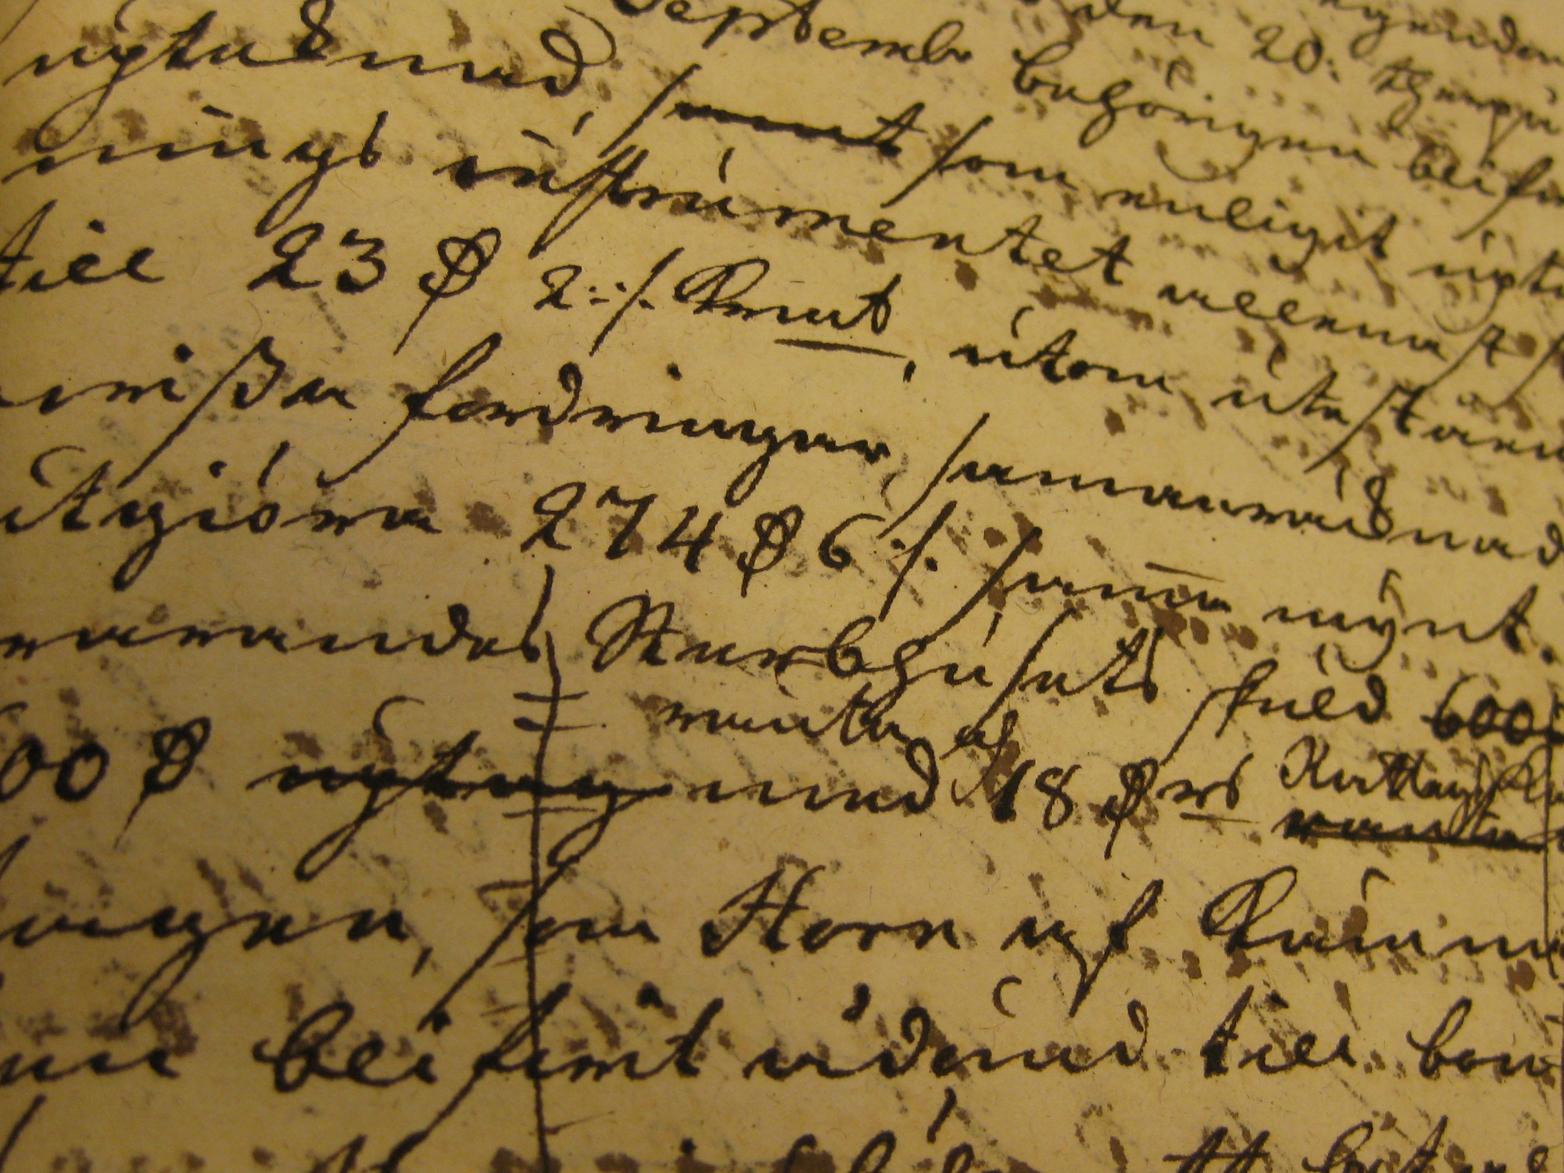 Detalle de un documento manuscrito